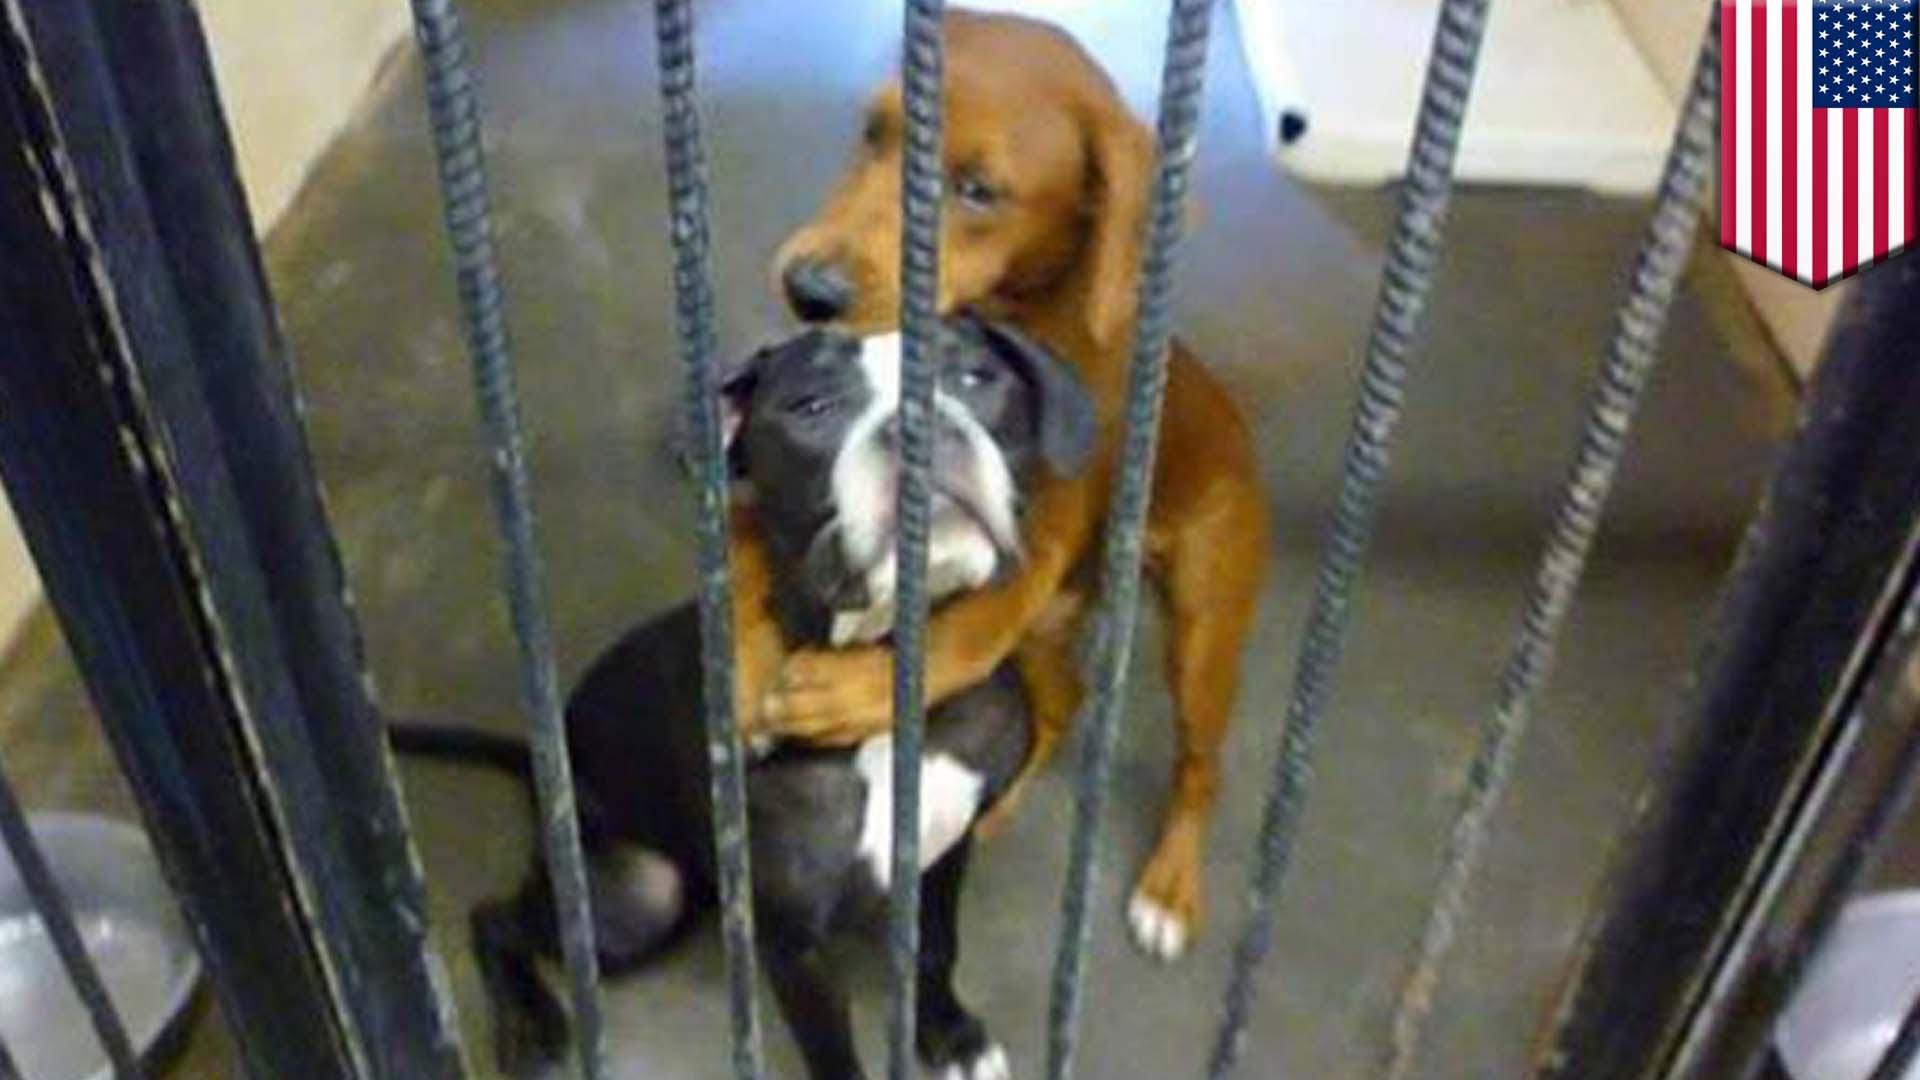 殺処分直前に撮られた「抱きつく犬」の写真に大きな反響が・・・